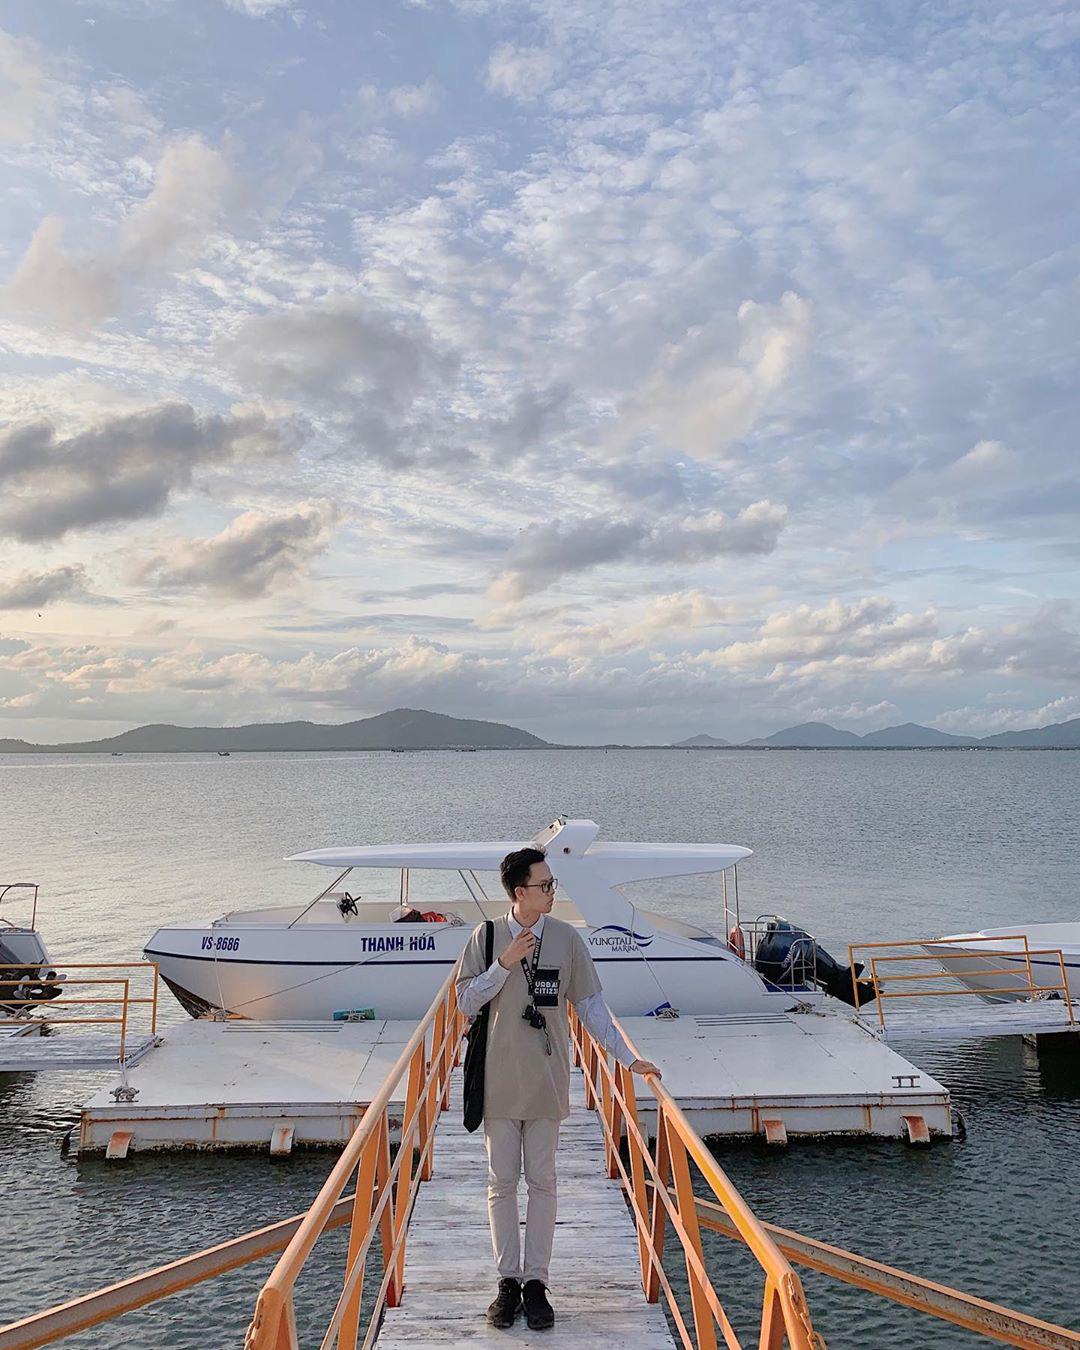 So sánh tour du lịch Tết TP HCM - Vũng Tàu 2 ngày 1 đêm - Ảnh 8.